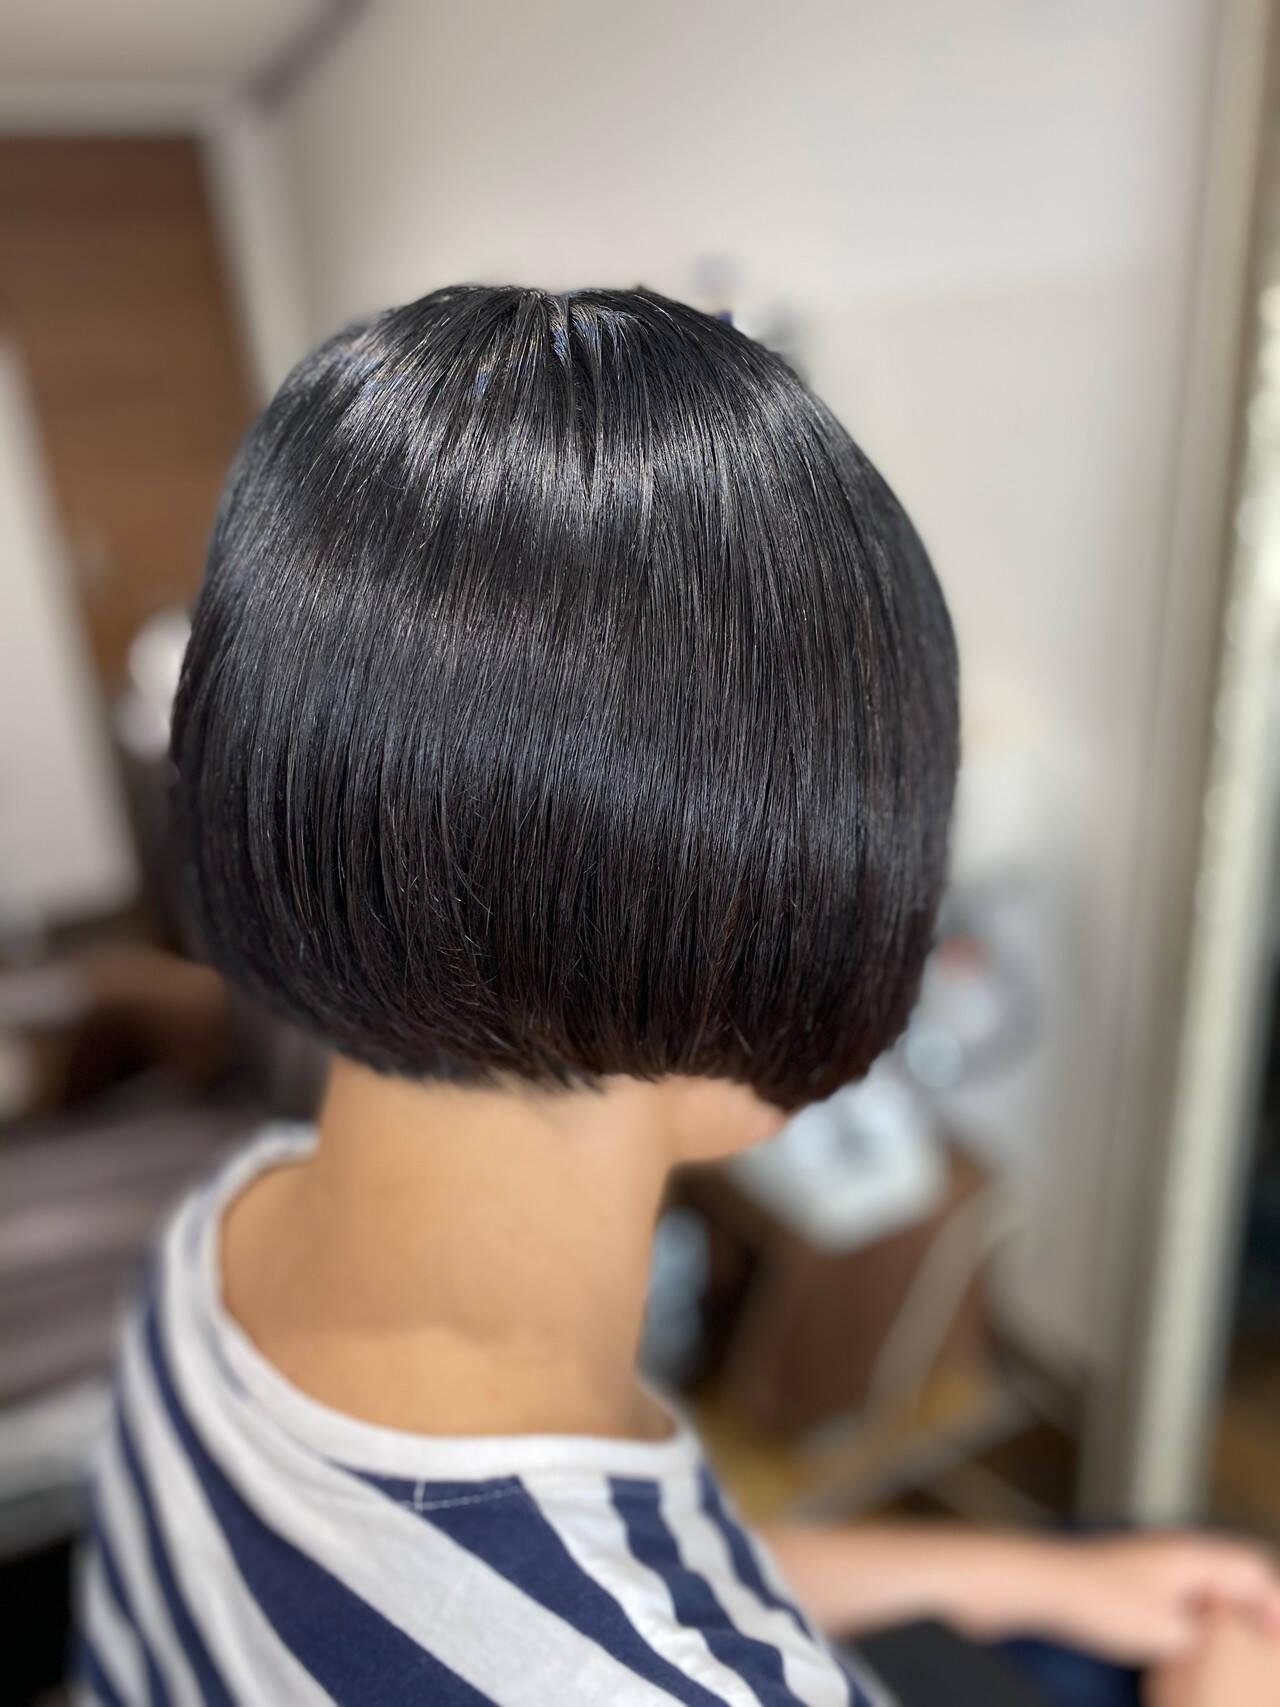 ミニボブ ショートボブ モード 切りっぱなしボブヘアスタイルや髪型の写真・画像